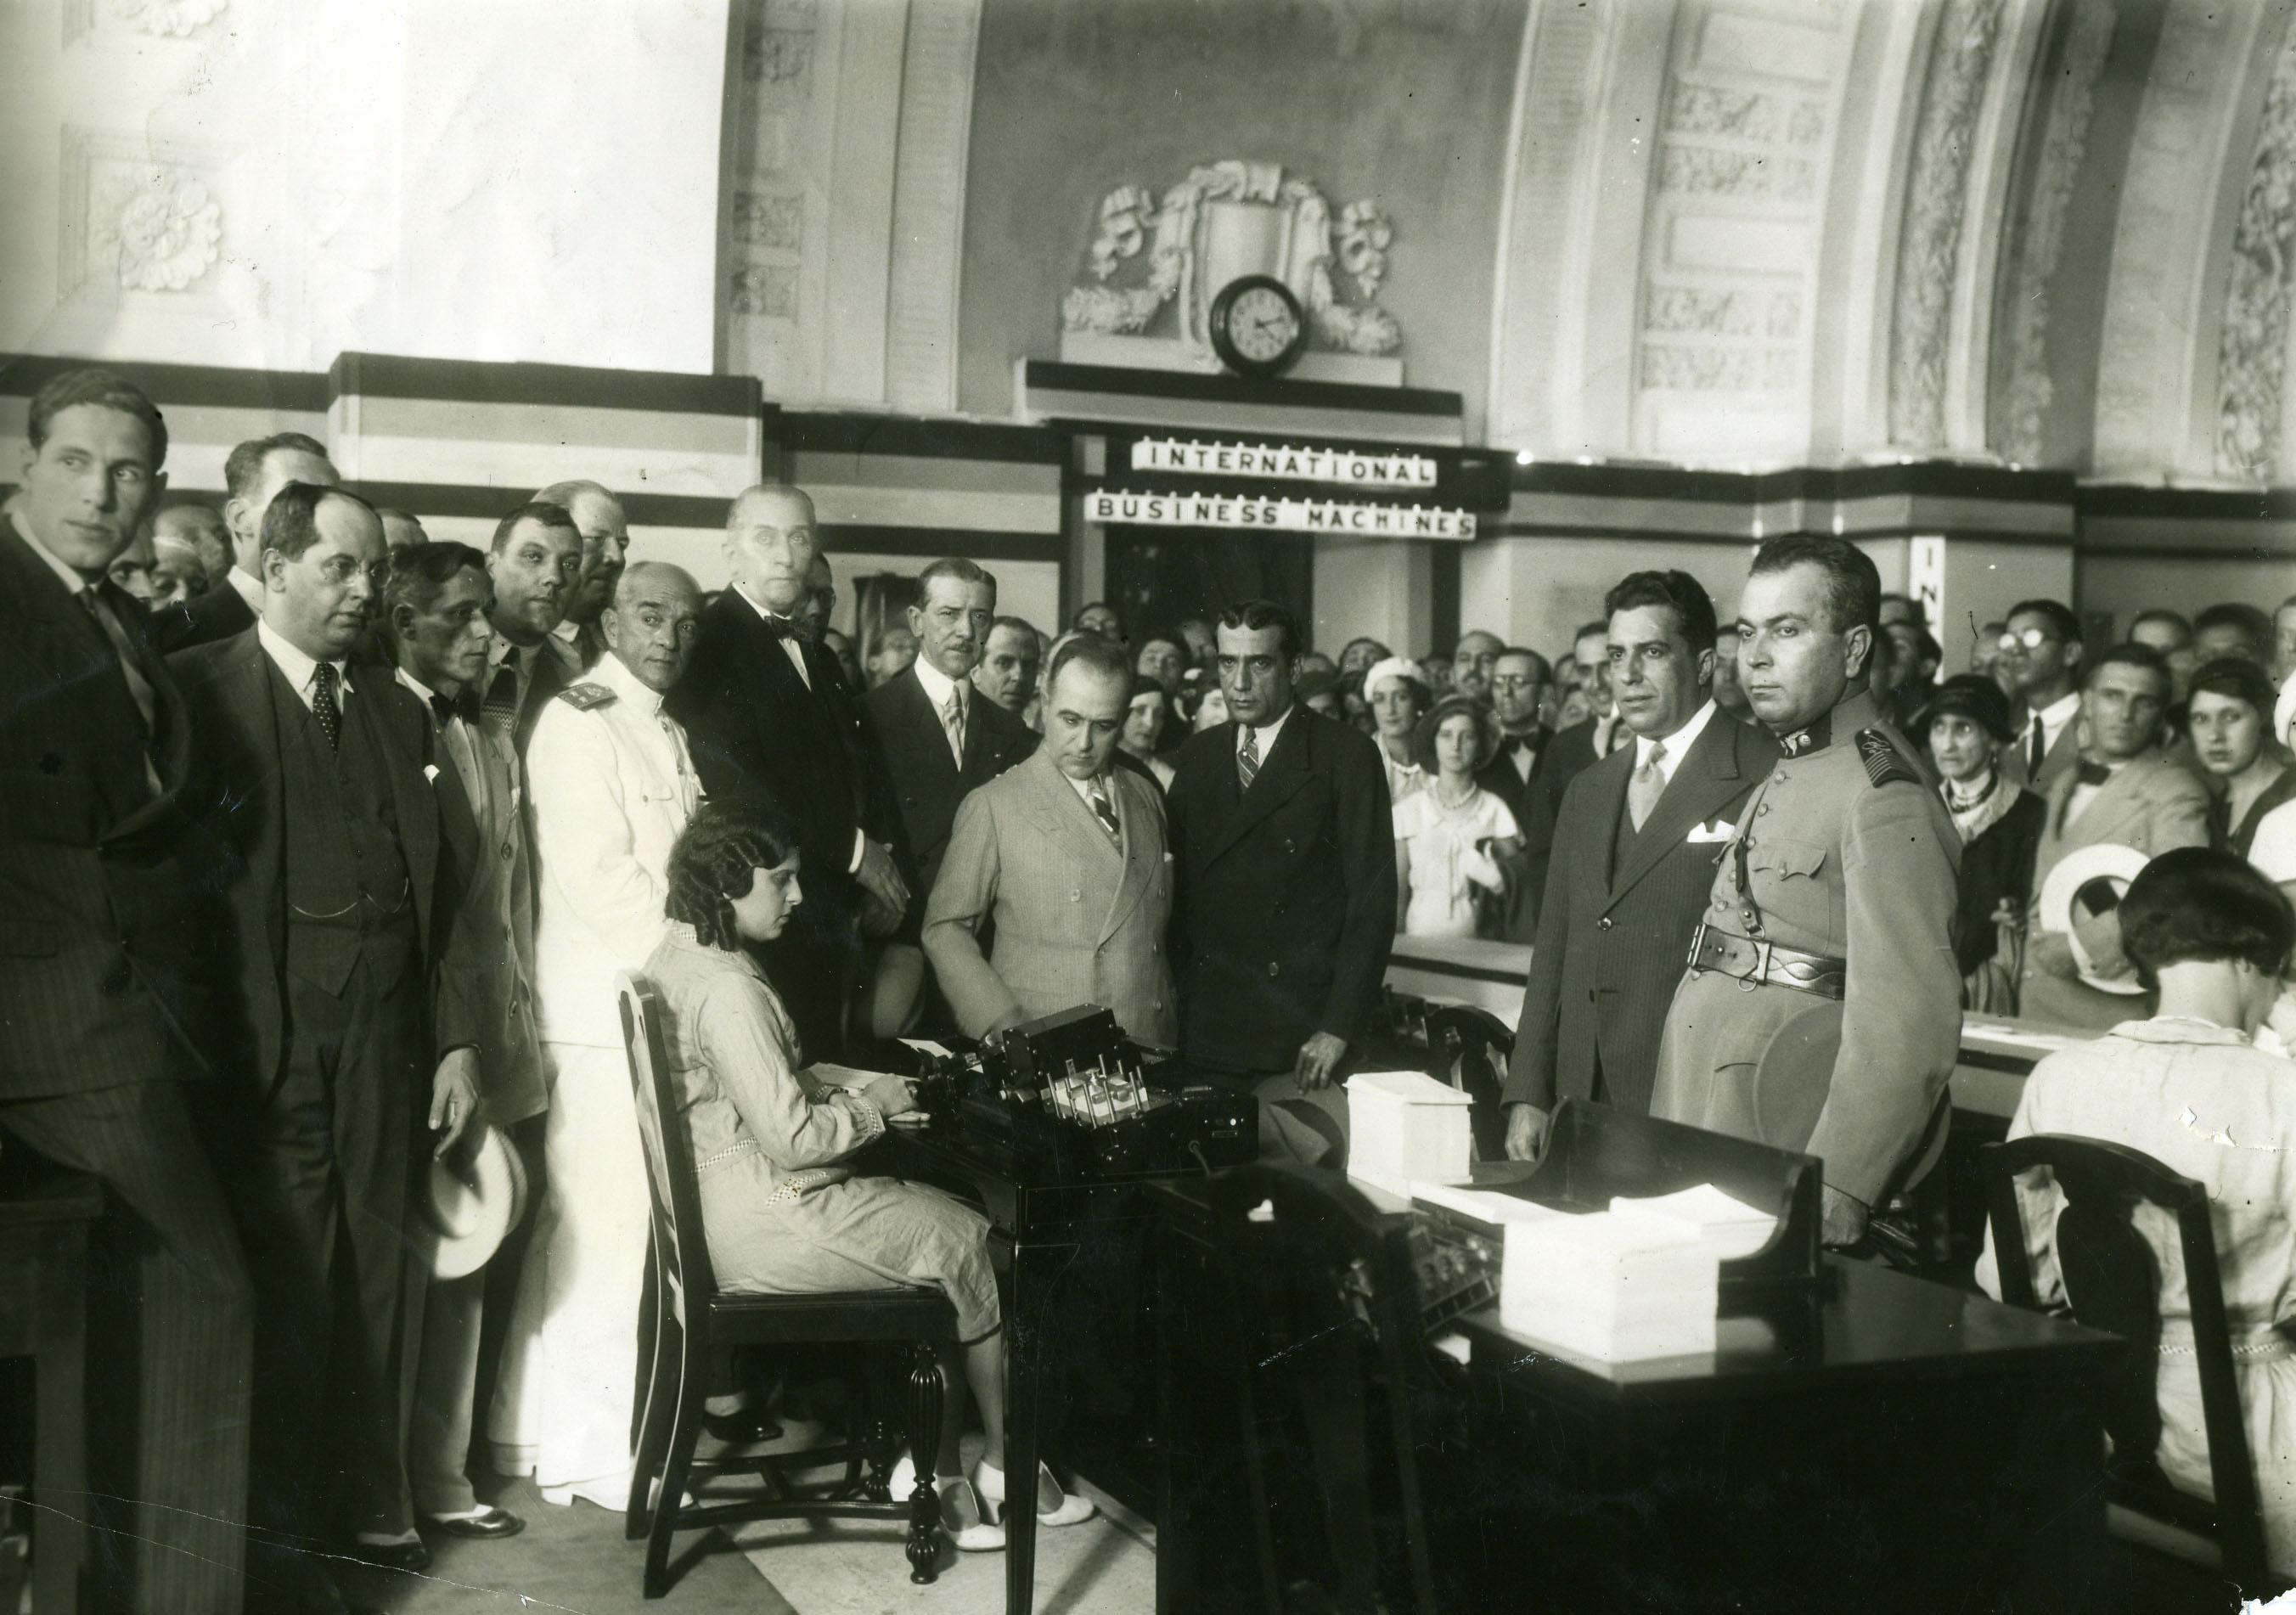 O presidente Getúlio Vargas visitando as instalações da IBM, no Rio de Janeiro. Valentim já era homem de confiança de Vargas para a economia nacional.